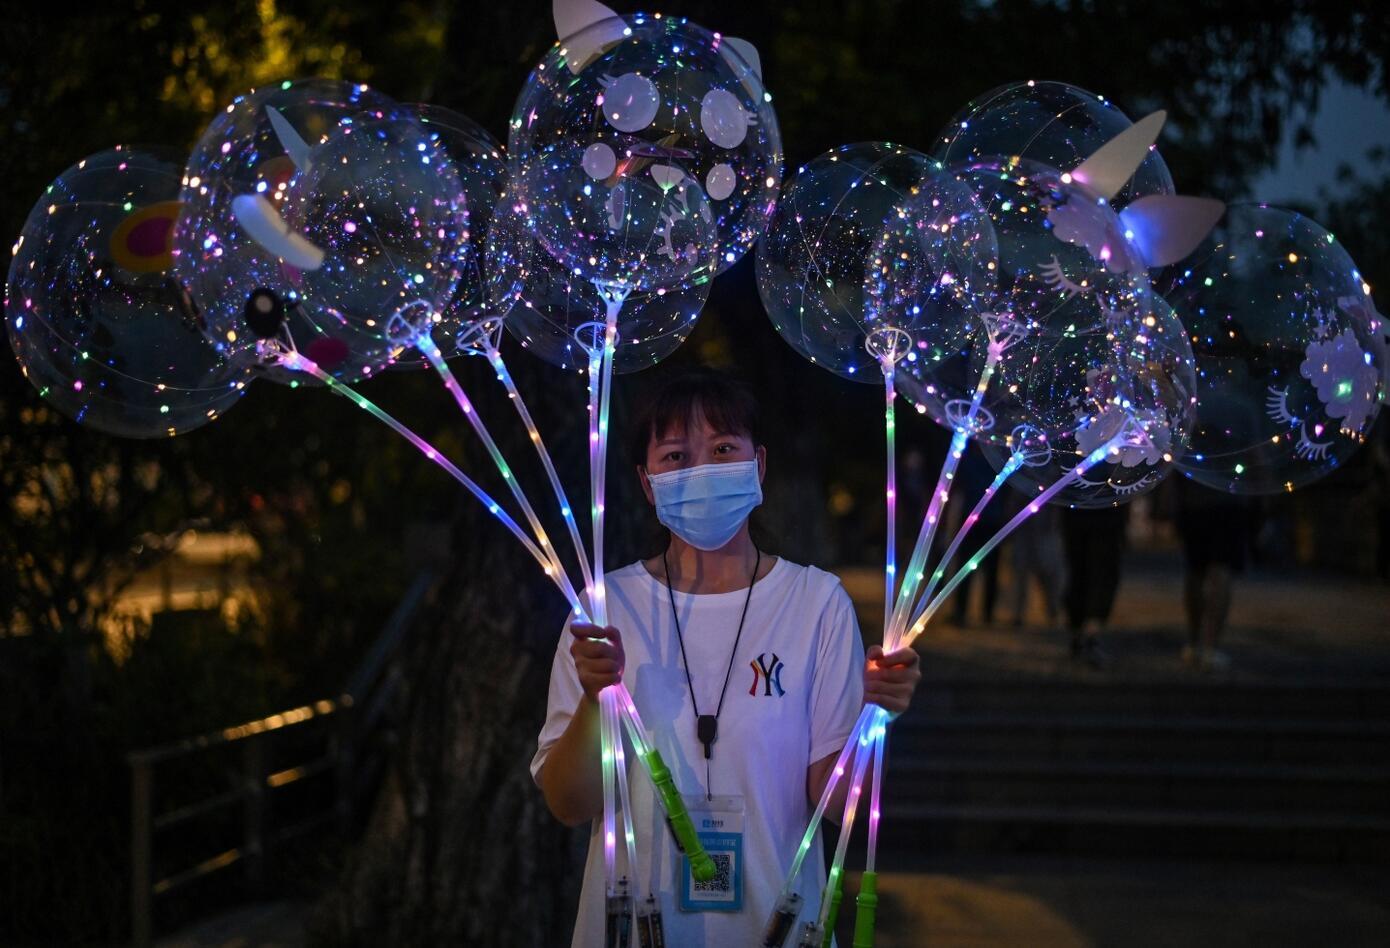 En el epicentro de la pandemia, los habitantes de Wuhan abandonan el tapabocas